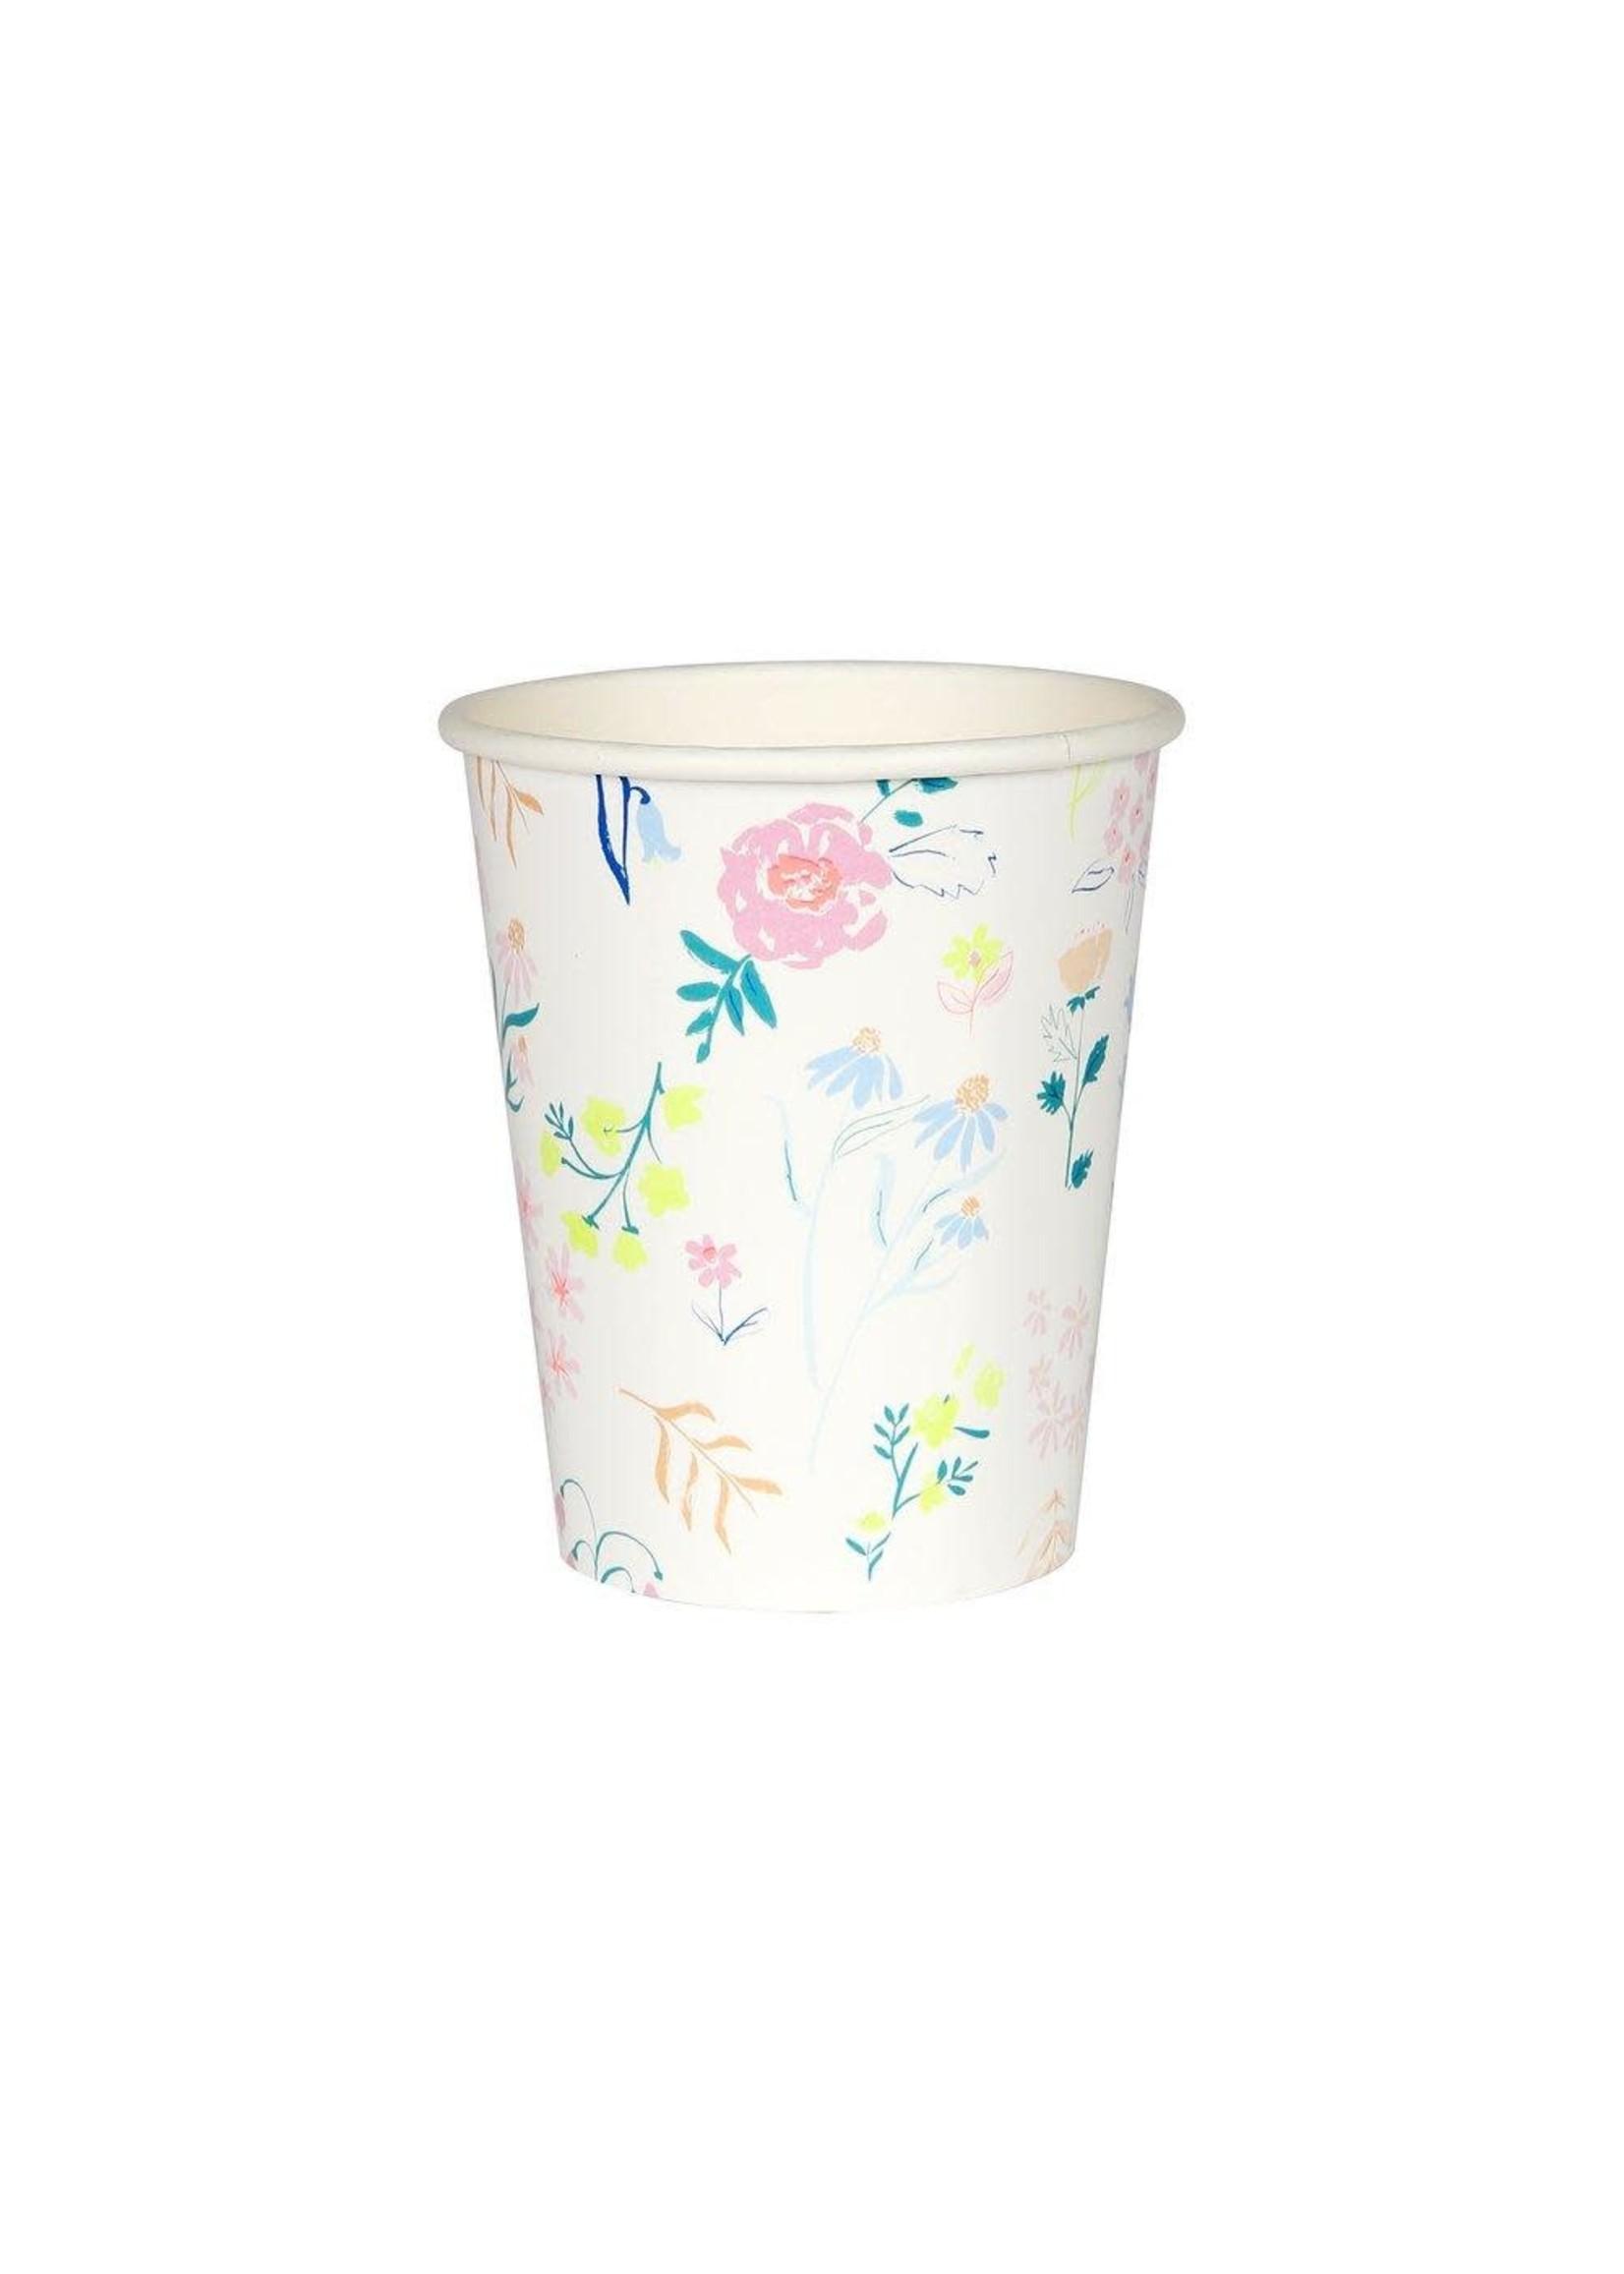 Meri Meri Paper Cups - Pastel Wildflower